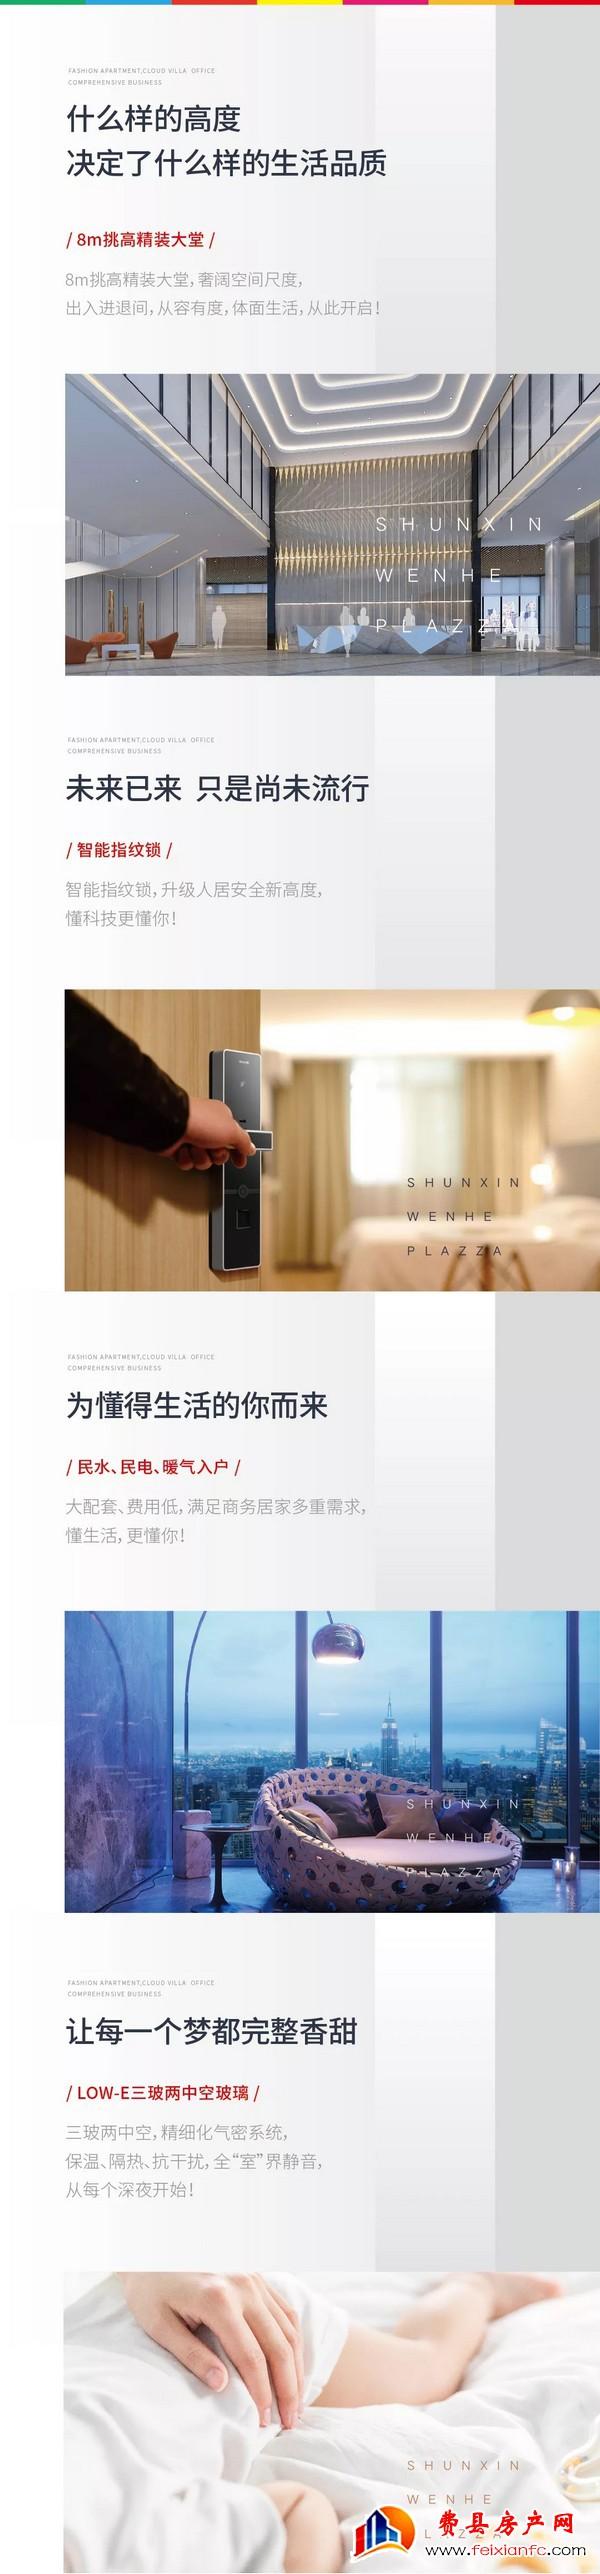 顺鑫·温和广场,即日起启动线上选房,助您安全便捷购好房!